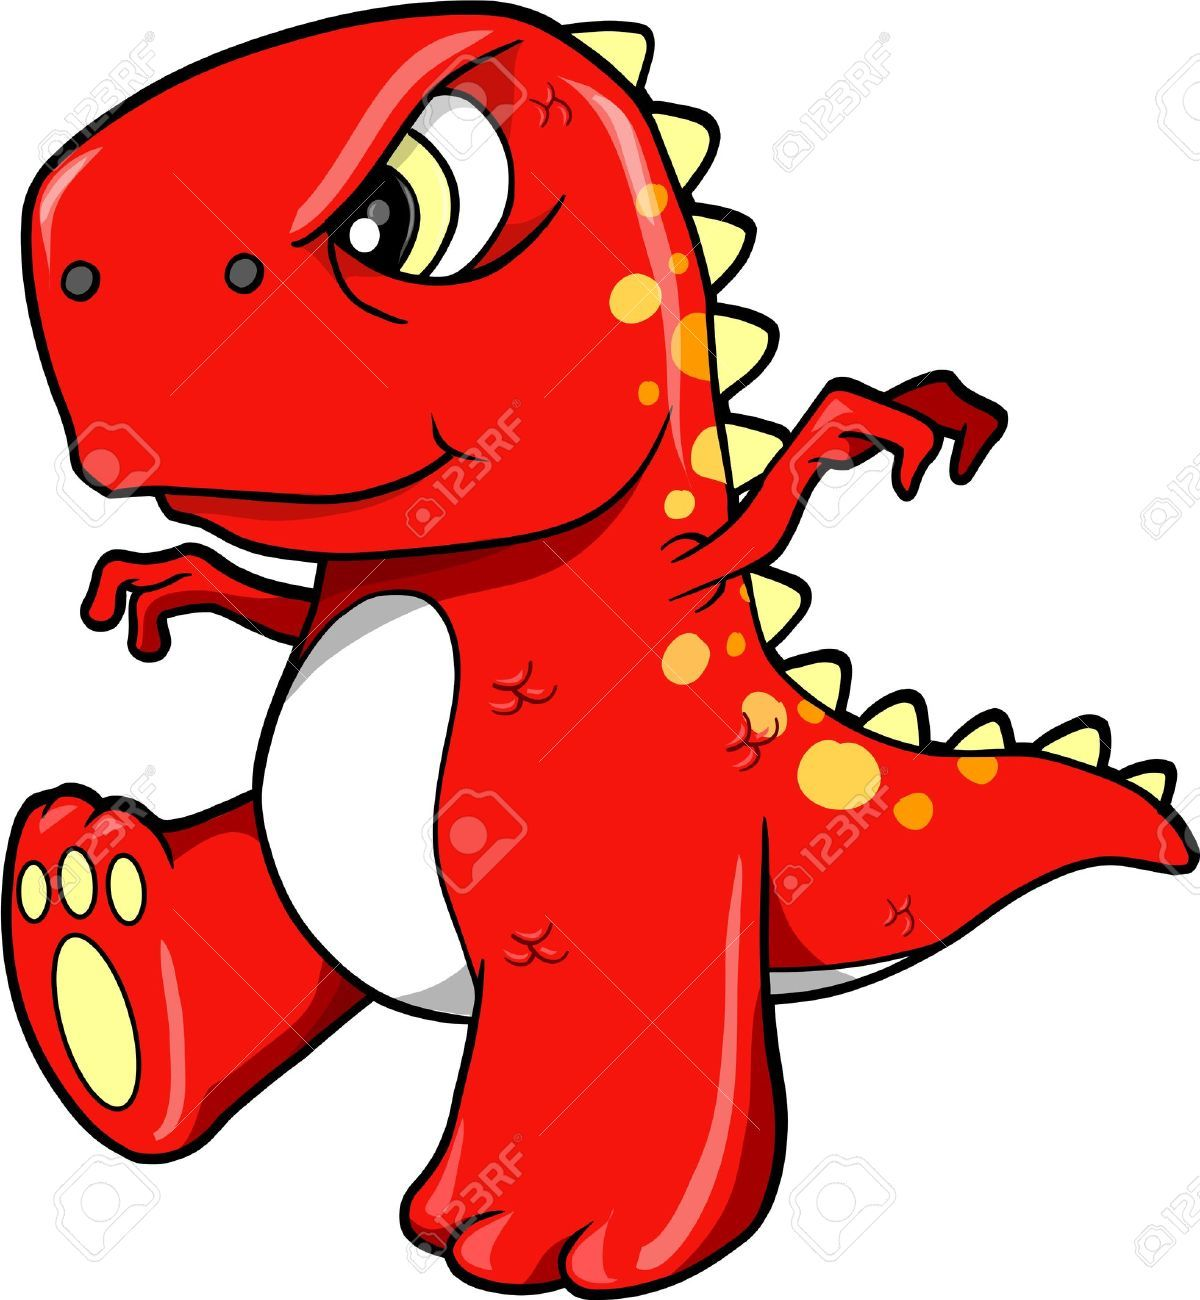 Resultado De Imagen De Pinterest Dibujos Dinosaurios Dinosaurio Rex Dibujo Dinosaurio Bonito Dibujos